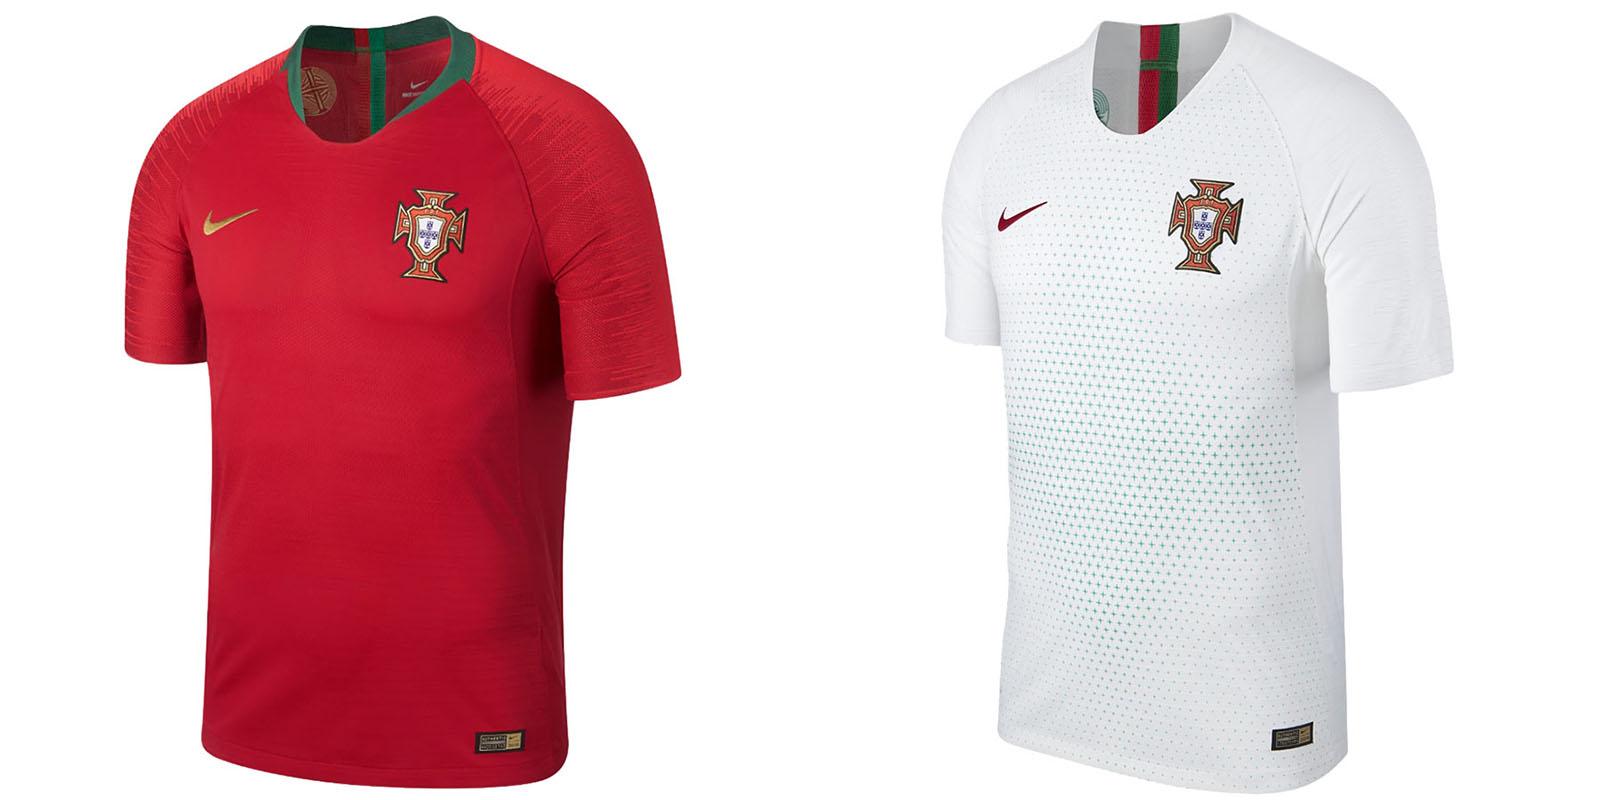 Форма сборной Португалии на ЧМ2018